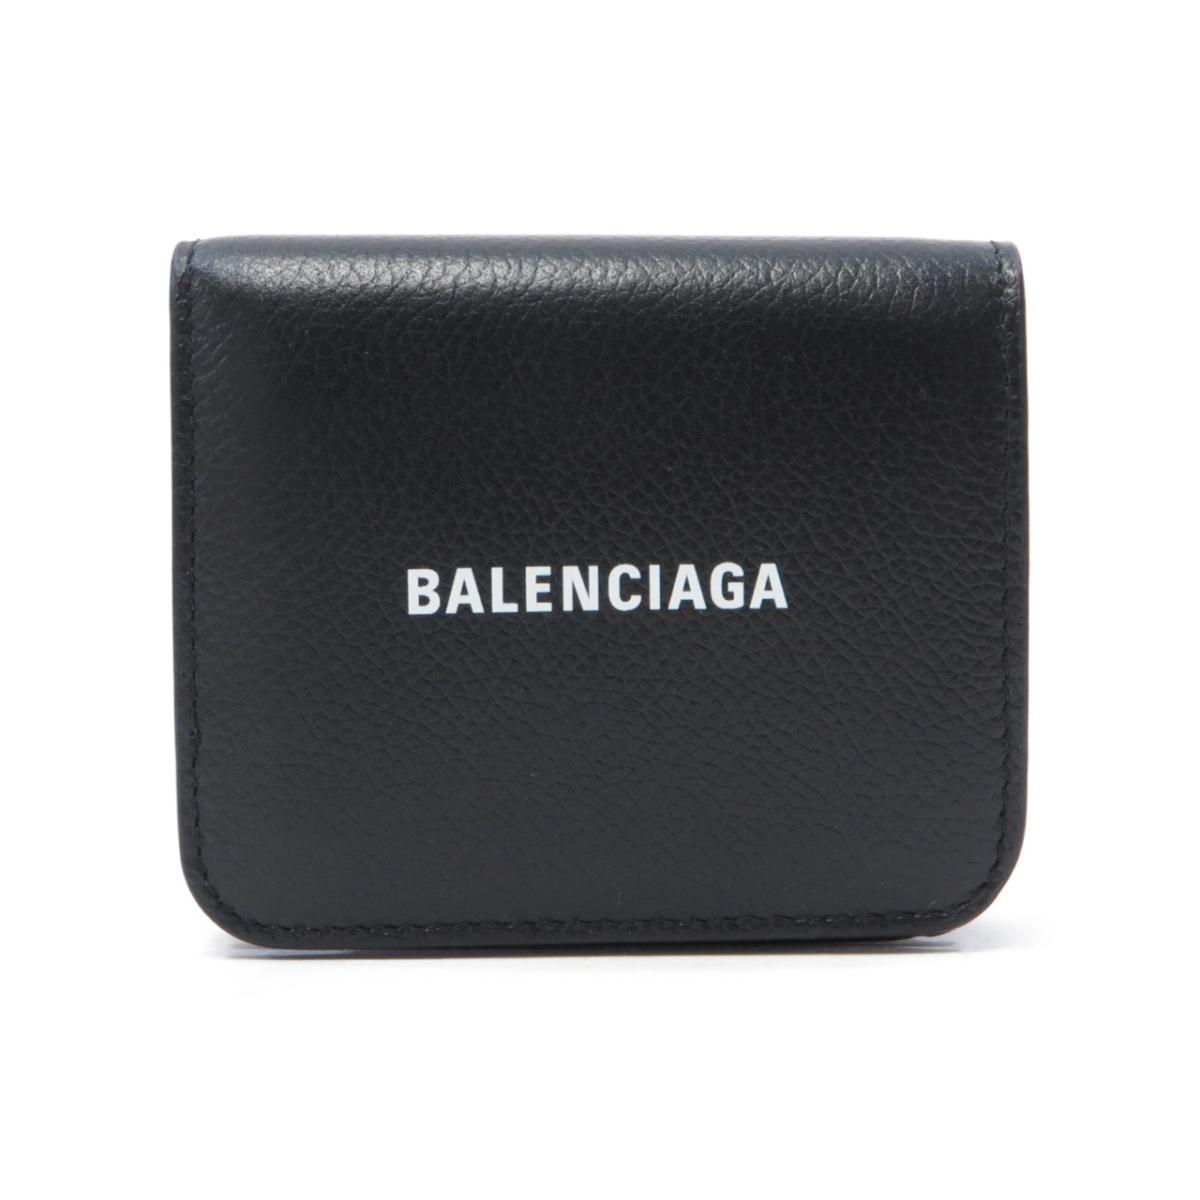 【新品】バレンシアガ 財布 594216 1IZ4M【新品】